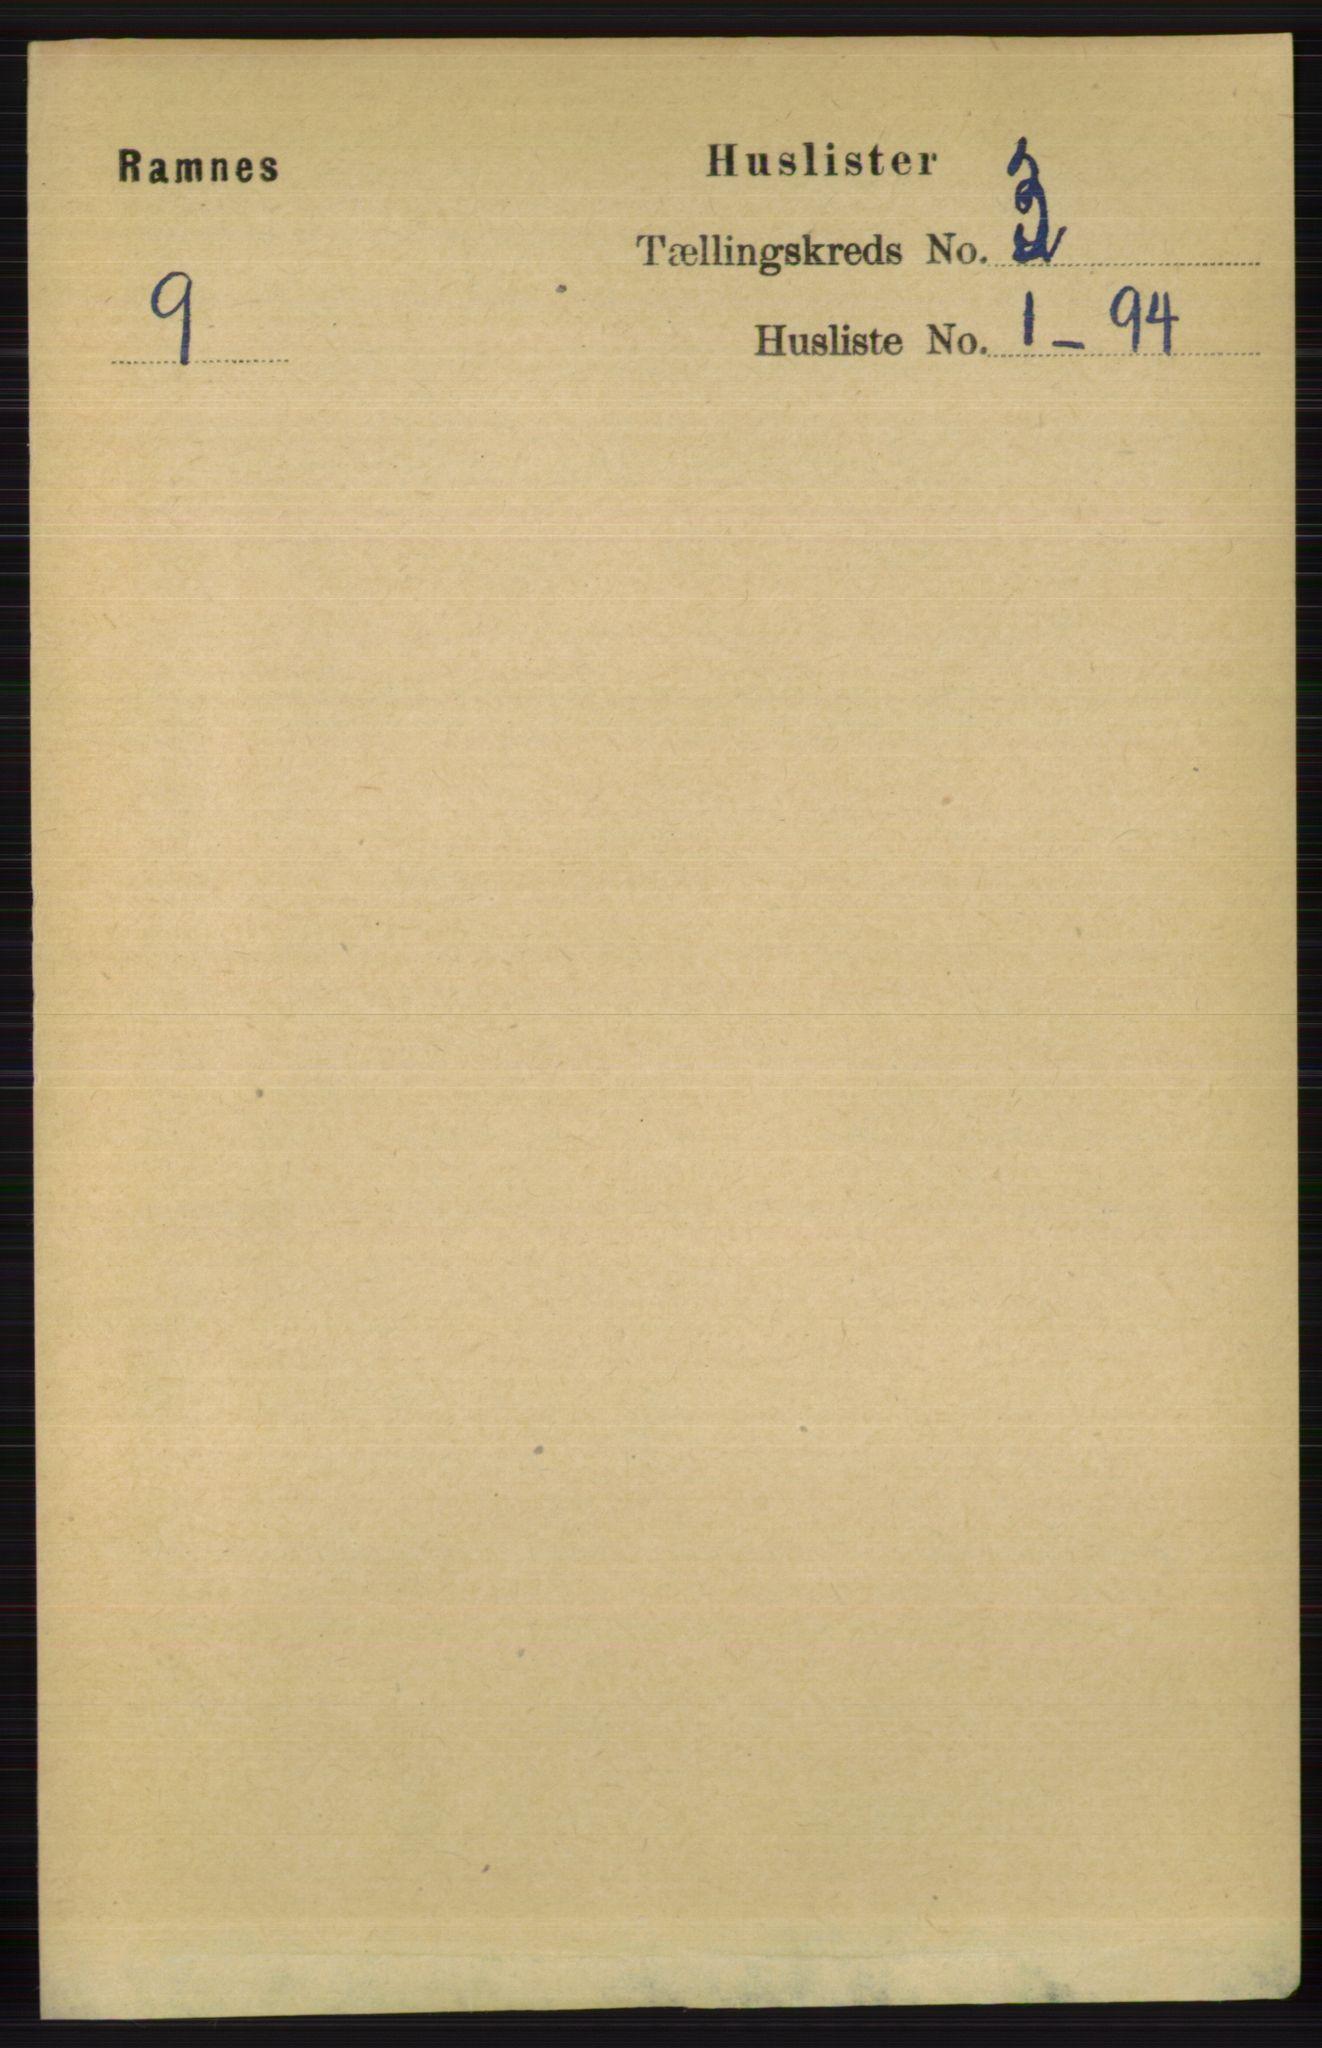 RA, Folketelling 1891 for 0718 Ramnes herred, 1891, s. 1198